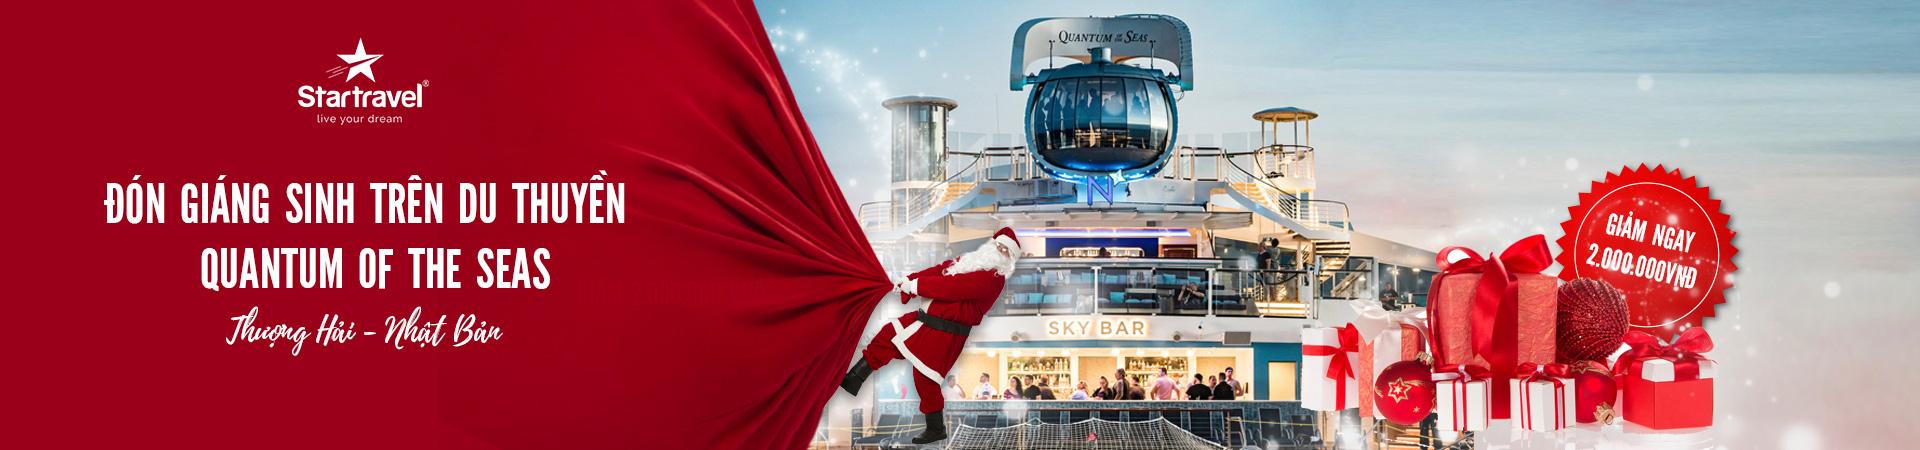 Đón giáng sinh trên du thuyền Quantum Of The Seas